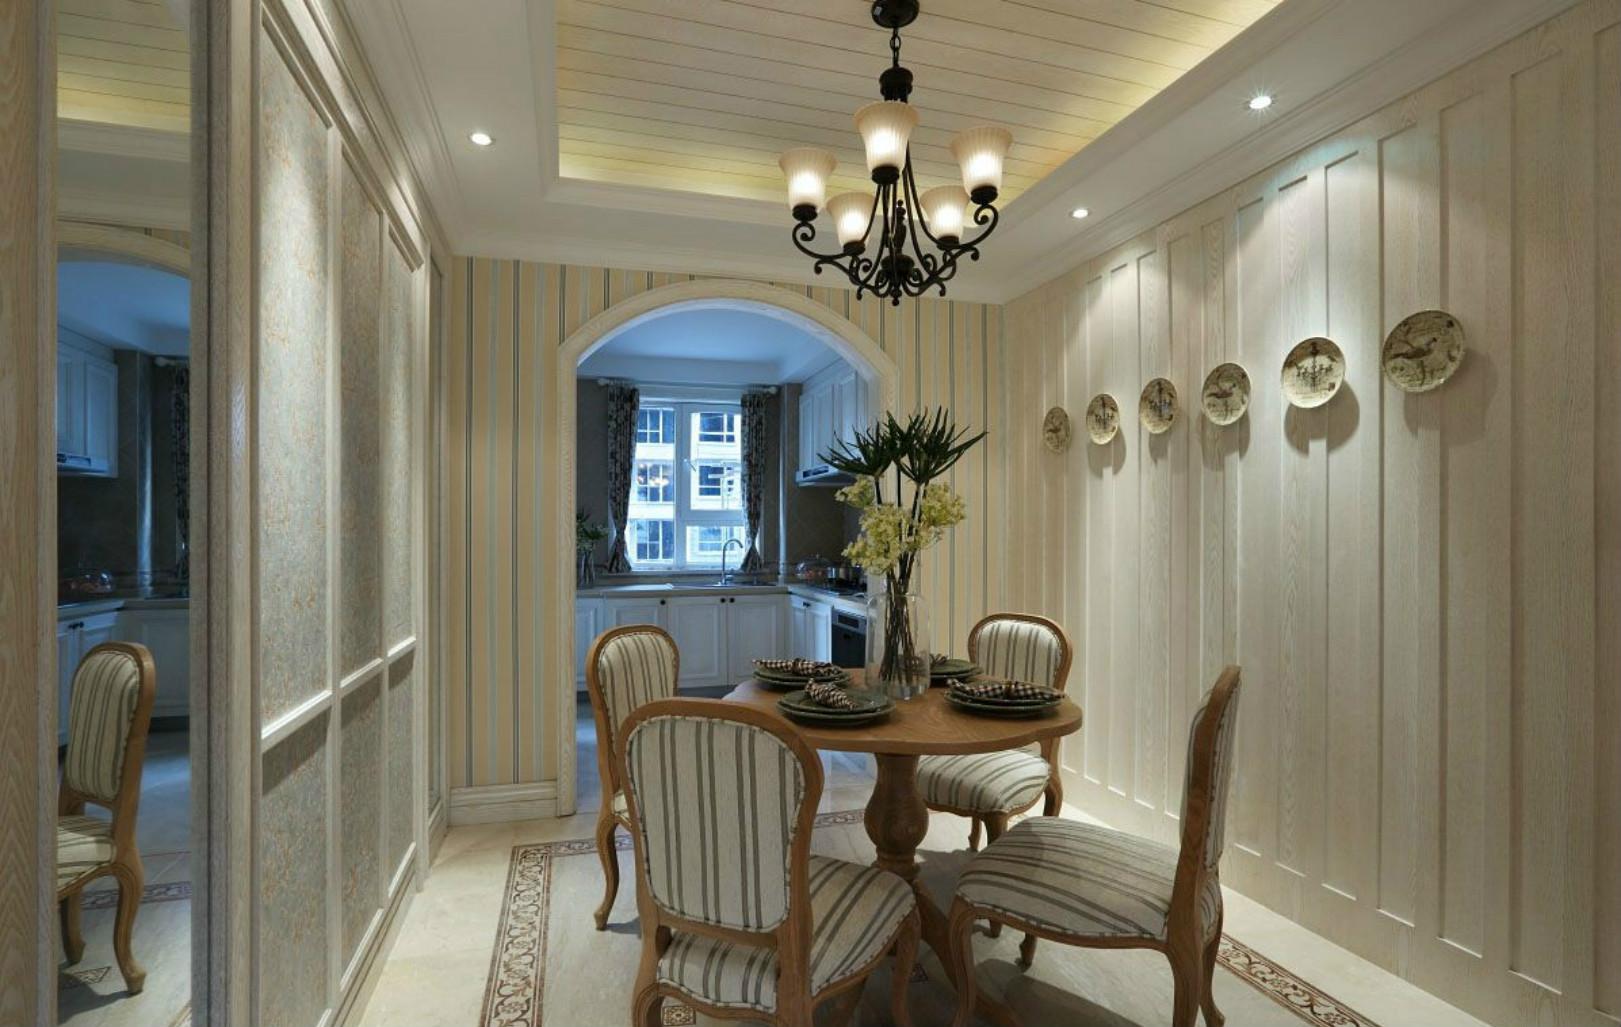 餐厅做了桌椅的设计,背景墙的碟子装饰吸引了大家的目光,让人不觉餐厅的格局小